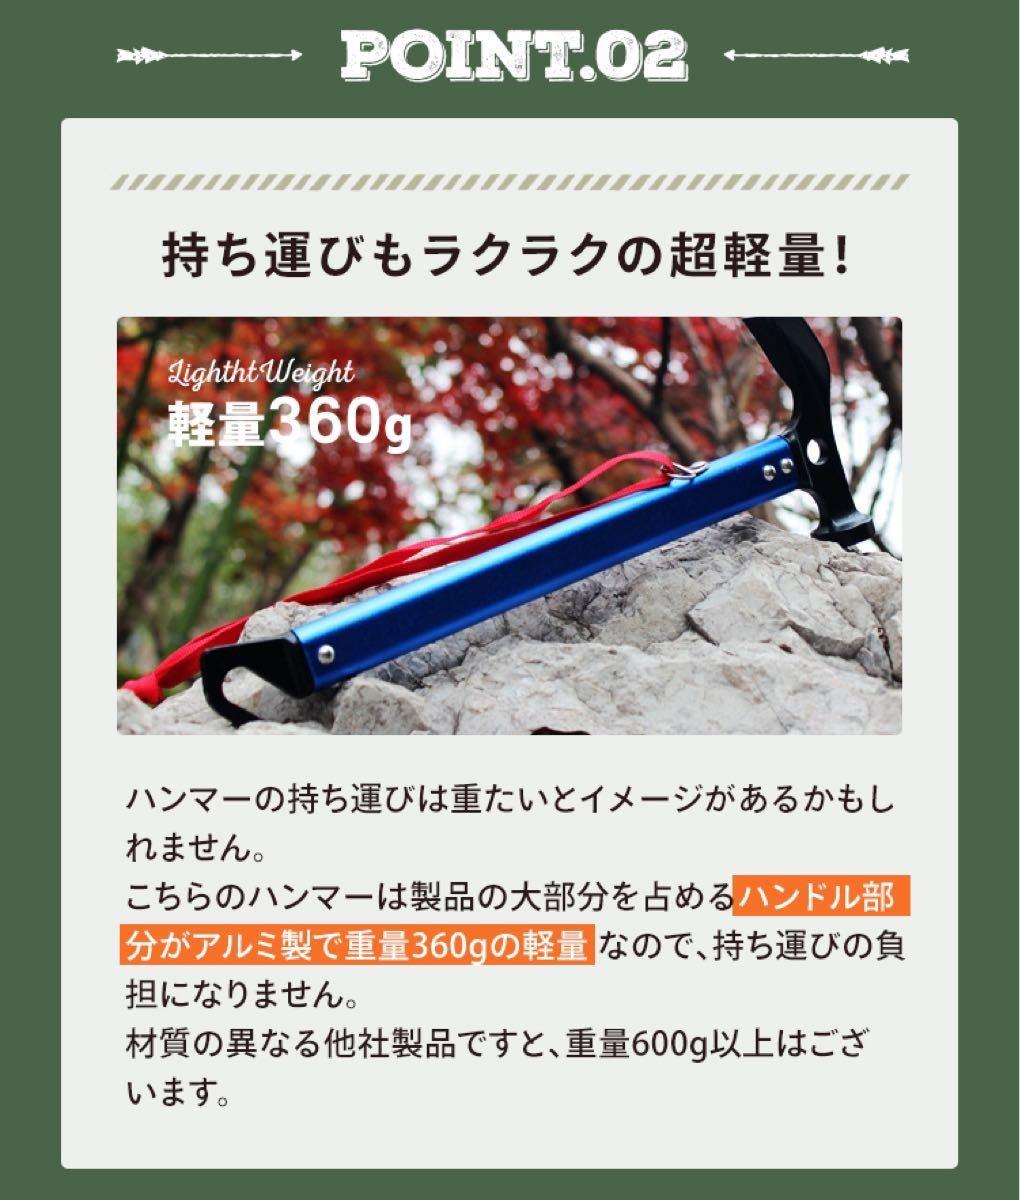 訳あり ペグハンマー【オレンジ】キャンプハンマー ペグ打ち ペグ抜き スチール